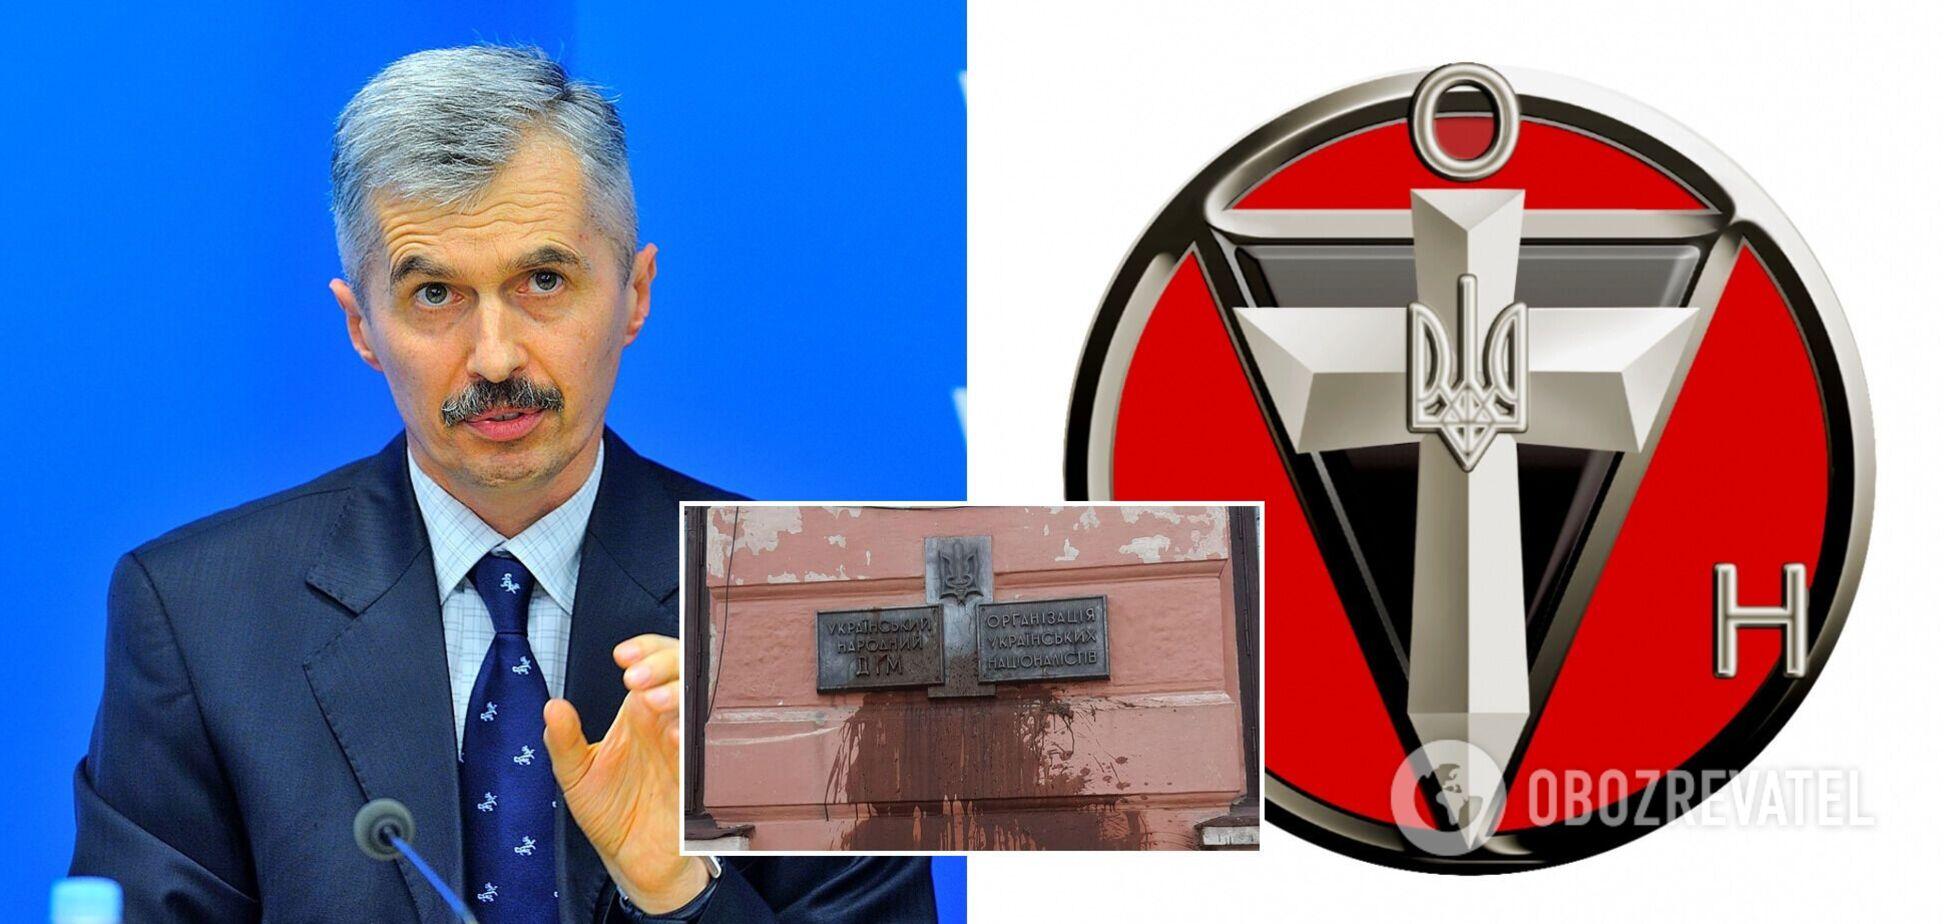 Богдан Червак сообщил об осквернении фасада Народного дома